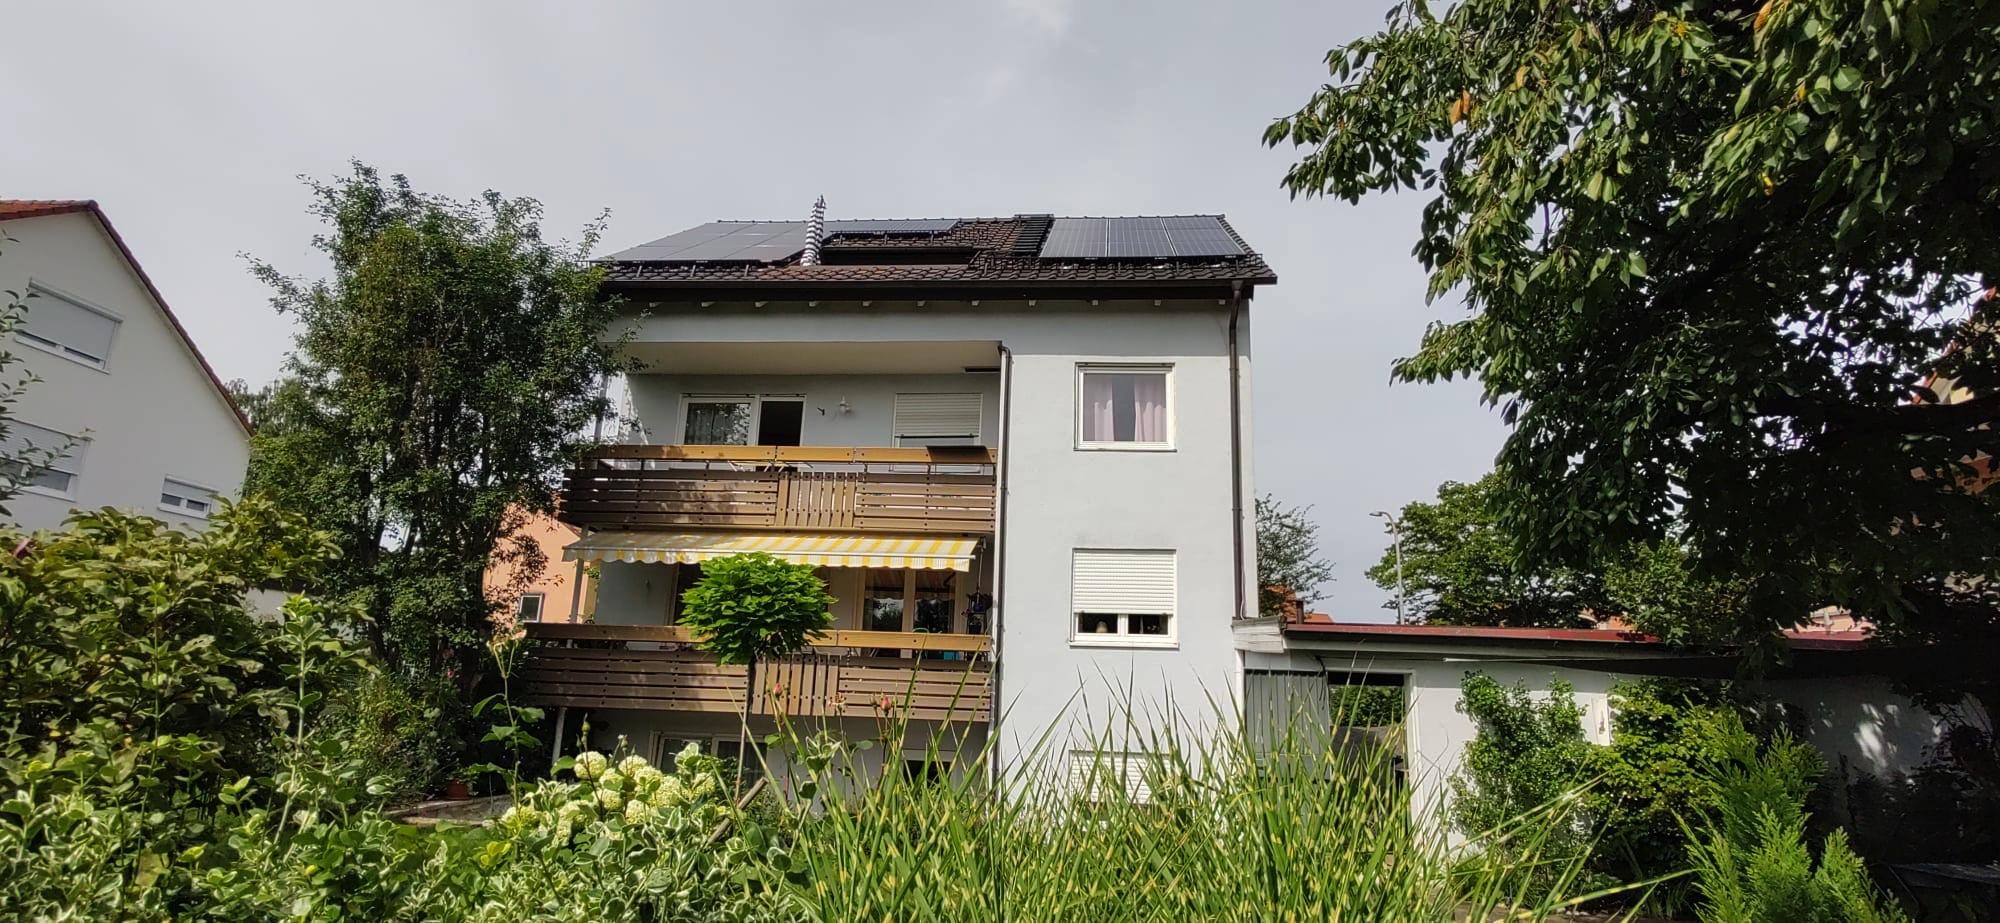 Igensdorf Gräfenberg Eckental Heroldsberg und Lauf an der Pegnitz setzt auf Wärmepumpe und Solaranlagen